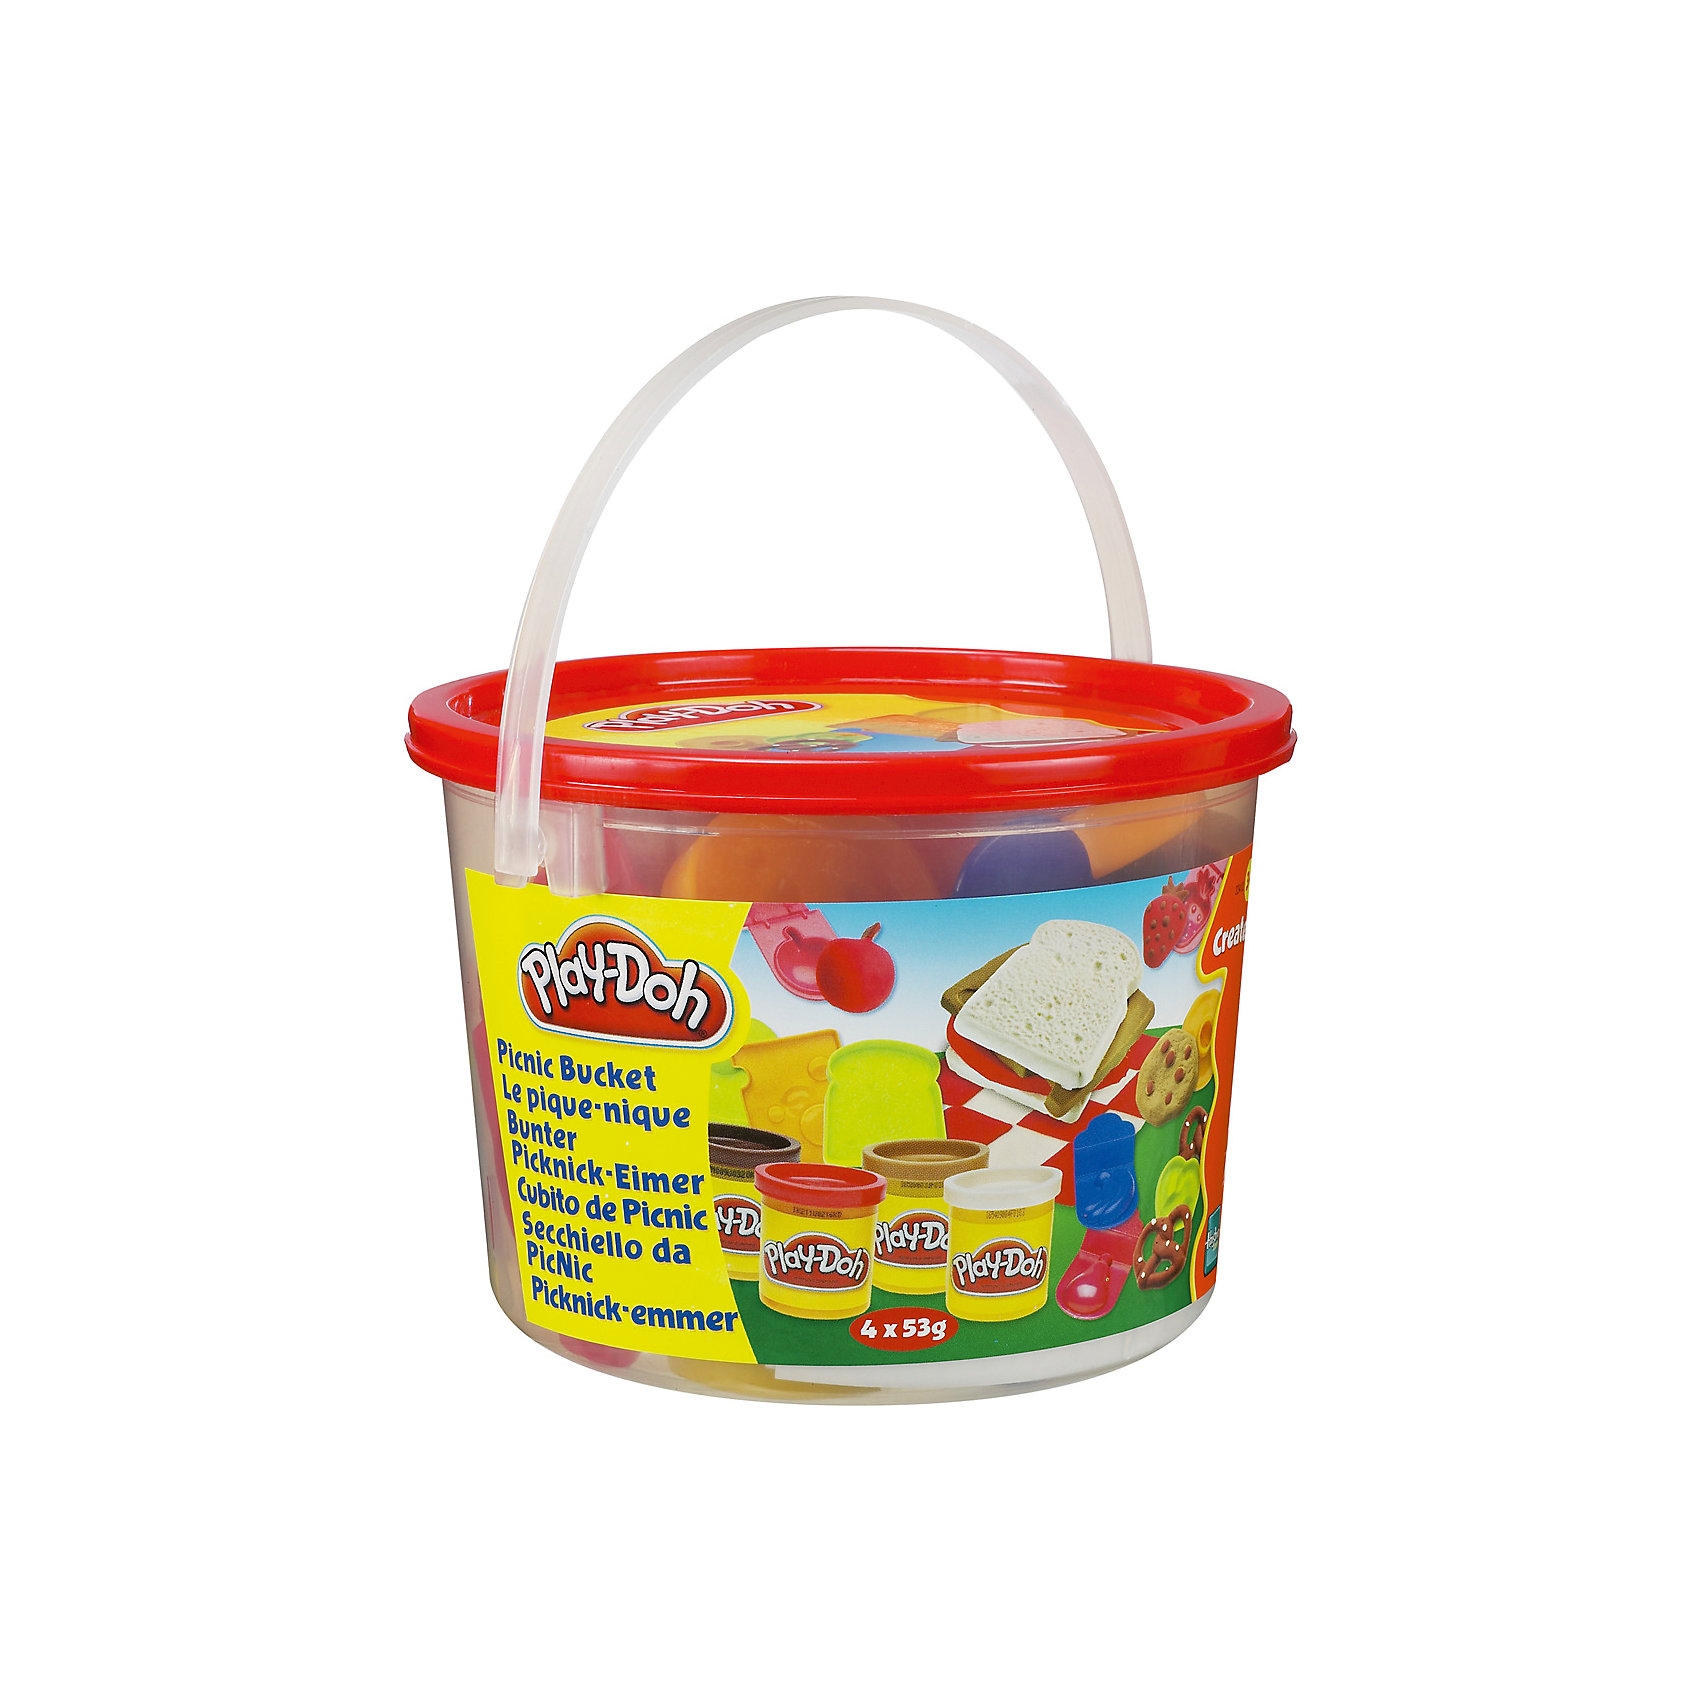 Тематический игровой набор Play-Doh ПикникЛепка<br>Игровой набор Ведерочко, Play-Doh<br><br>Характеристики:<br><br>- в набор входит: 4 цвета теста, 9 формочек, ведерко<br>- состав: вода, мука, соль, красители<br>- размер упаковки: 14,5 * 10 * 14,5 см.<br>- вес: 226 гр.<br>- для детей в возрасте: от 3 до 6 лет<br>- Страна производитель: Китай<br><br>Тесто для лепки Play-Doh (Плей-До) от известного американского производителя товаров для детей Hasbro (Хасбро) понравится детям, которые знакомятся с лепкой. Мягкое, безопасное, нетоксичное тесто состоит из натуральных компонентов, не прилипает к пальчикам и прекрасно смешивается между собой. Этот набор отличается своей оригинальной тематикой и понравится детишкам интересующимся кухней. <br><br>В удобном для хранения ведерке лежат четыре отдельные закрывающиеся  баночки со светло-коричневым, темно-коричневым, красным и белым тестом. Так же в набор входят разные интересные формочки, такие как: формочка для ветчины или колбасы, формочка хлеба, для печенья, кренделька, сыра, бананов, яблока, клубники и груши. Цвета теста можно легко комбинировать между собой и смешивать, можно купить любое тесто для лепки Play-Doh (Плей-До) и оно сможет смешаться с тестом из набора. <br><br>Не рекомендуется хранить тесто для лепки на открытом воздухе. Работа с тестом для лепки помогает развить моторику ручек, внимание, творческие способности, тактильное и цветовое восприятие, поможет научиться смешивать цвета и добиться аккуратности в работе с формочками. <br><br>Игровой набор Ведерочко, Play-Doh можно купить в нашем интернет-магазине.<br><br>Ширина мм: 145<br>Глубина мм: 145<br>Высота мм: 105<br>Вес г: 372<br>Возраст от месяцев: 36<br>Возраст до месяцев: 120<br>Пол: Унисекс<br>Возраст: Детский<br>SKU: 5385710